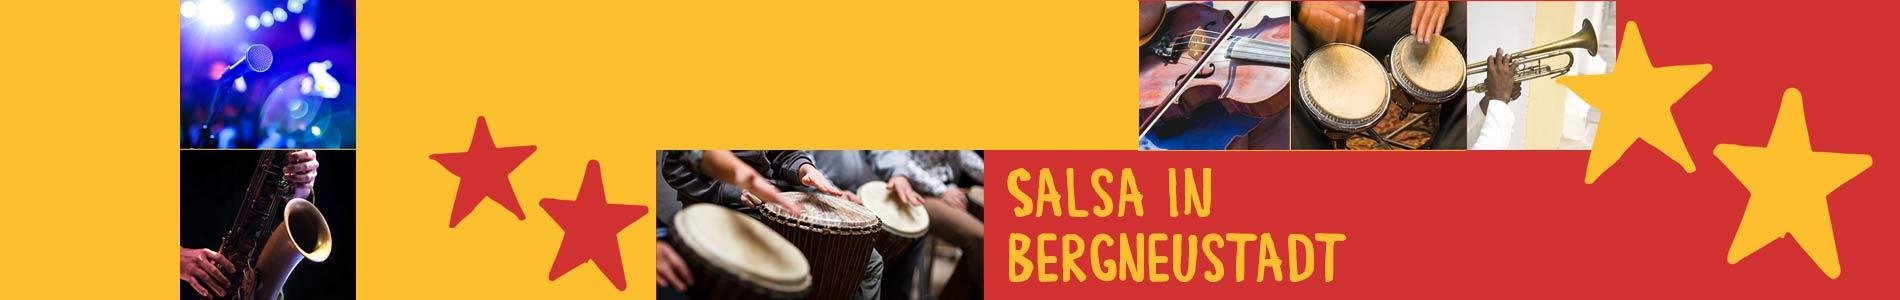 Salsa in Bergneustadt – Salsa lernen und tanzen, Tanzkurse, Partys, Veranstaltungen